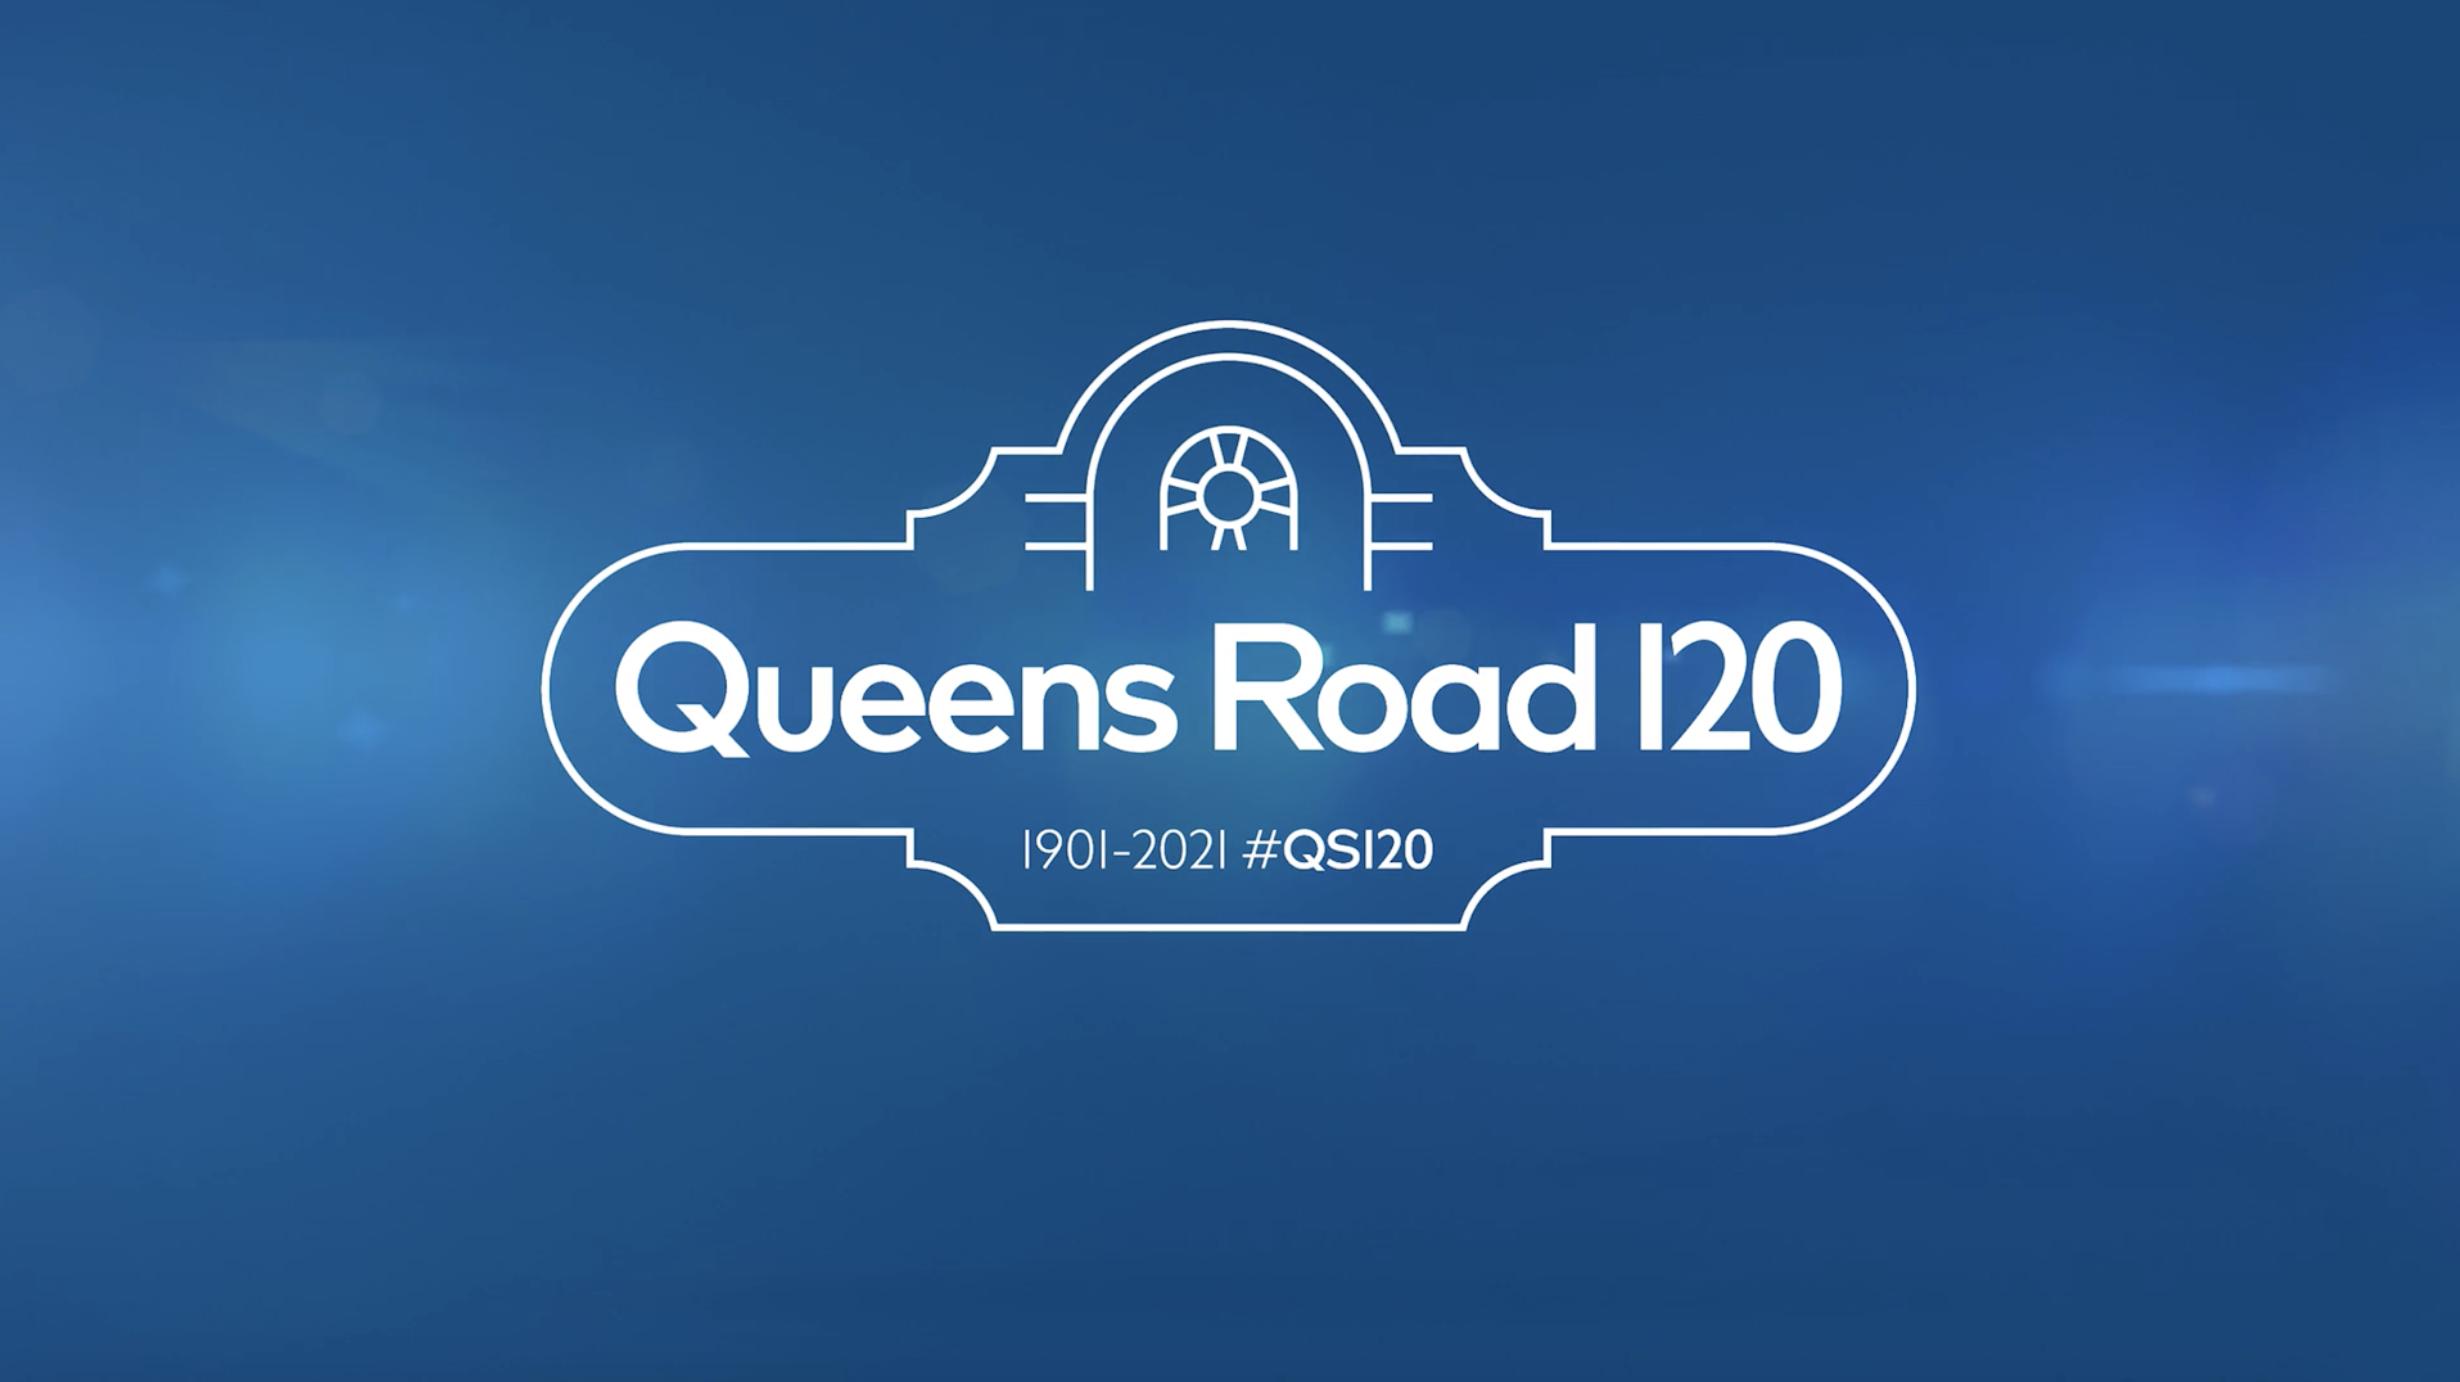 Queens Road 120